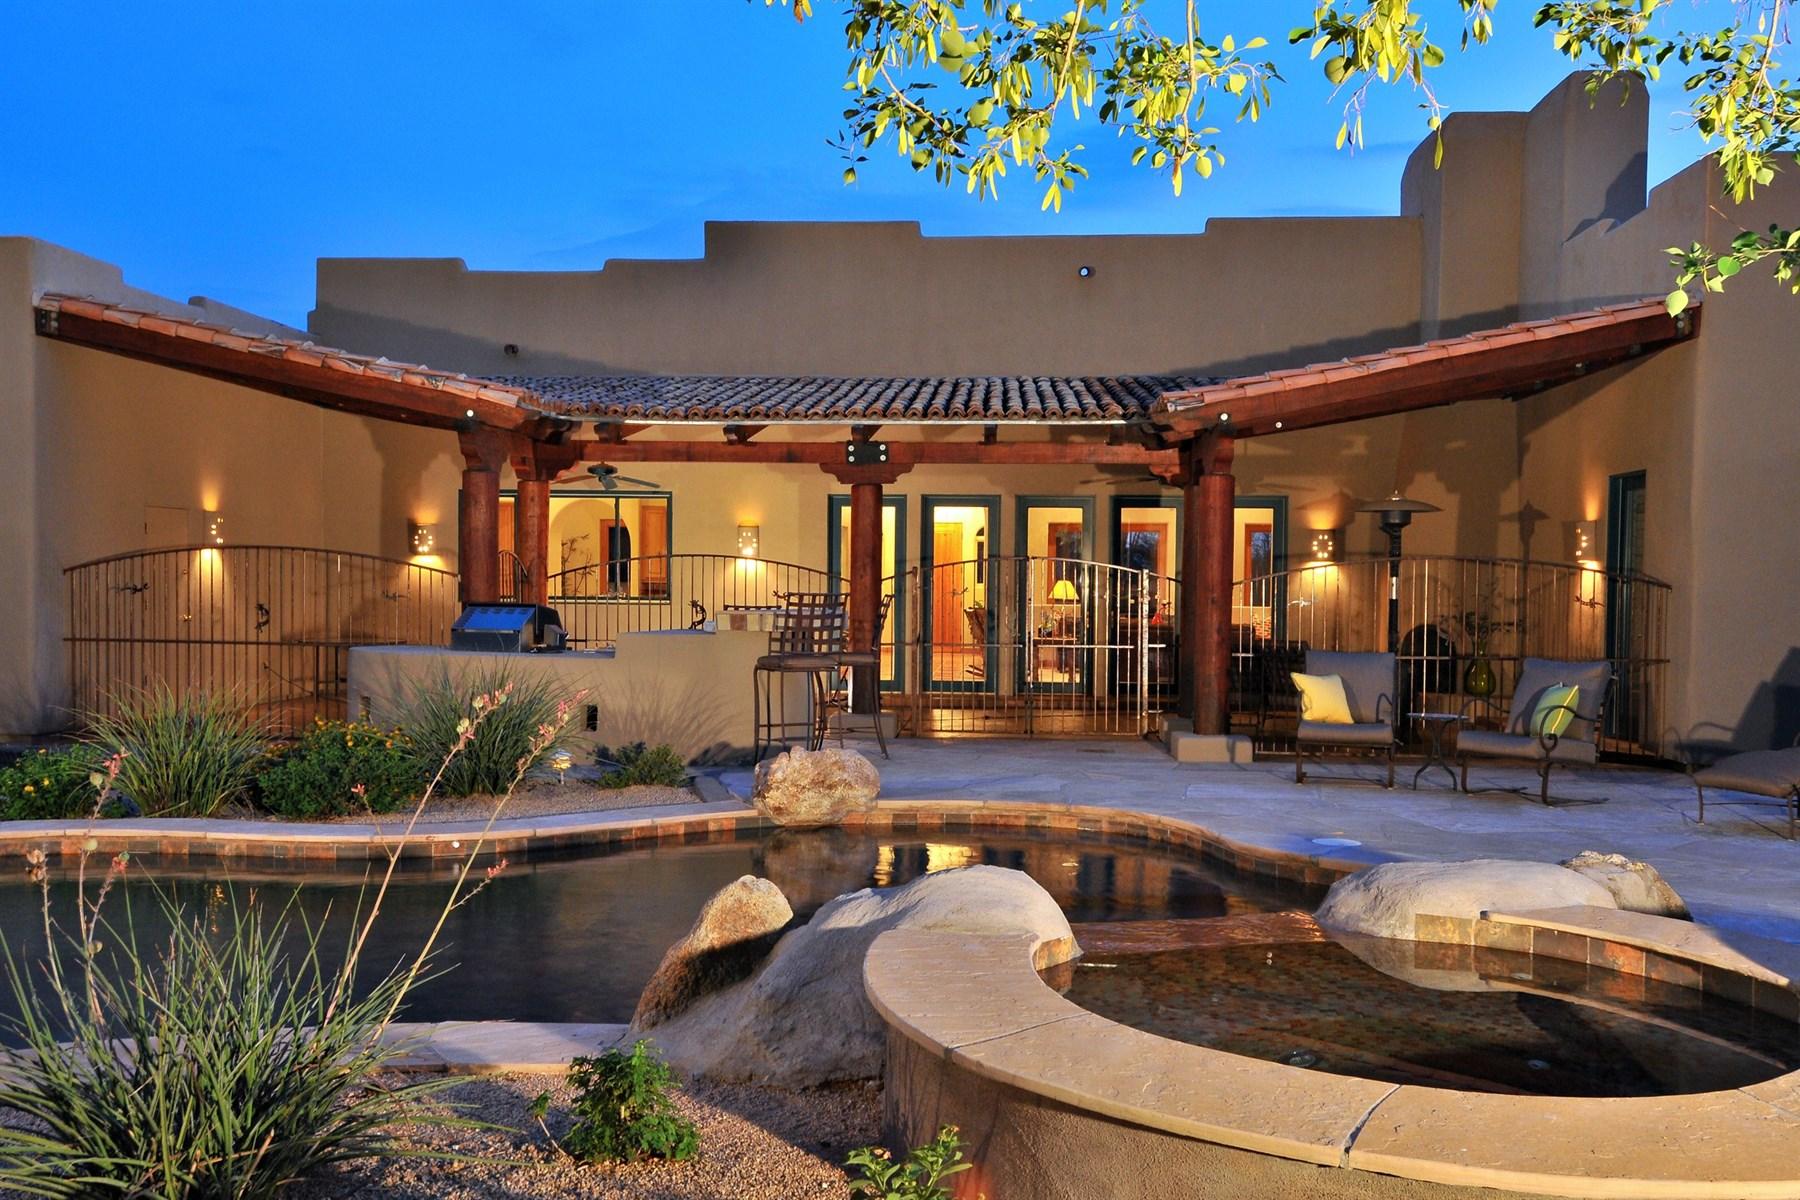 단독 가정 주택 용 매매 에 Incredible Furnished Custom Home With Pinnacle Peak Views & Quality Construction 8778 E Whispering Wind Drive Scottsdale, 아리조나 85255 미국